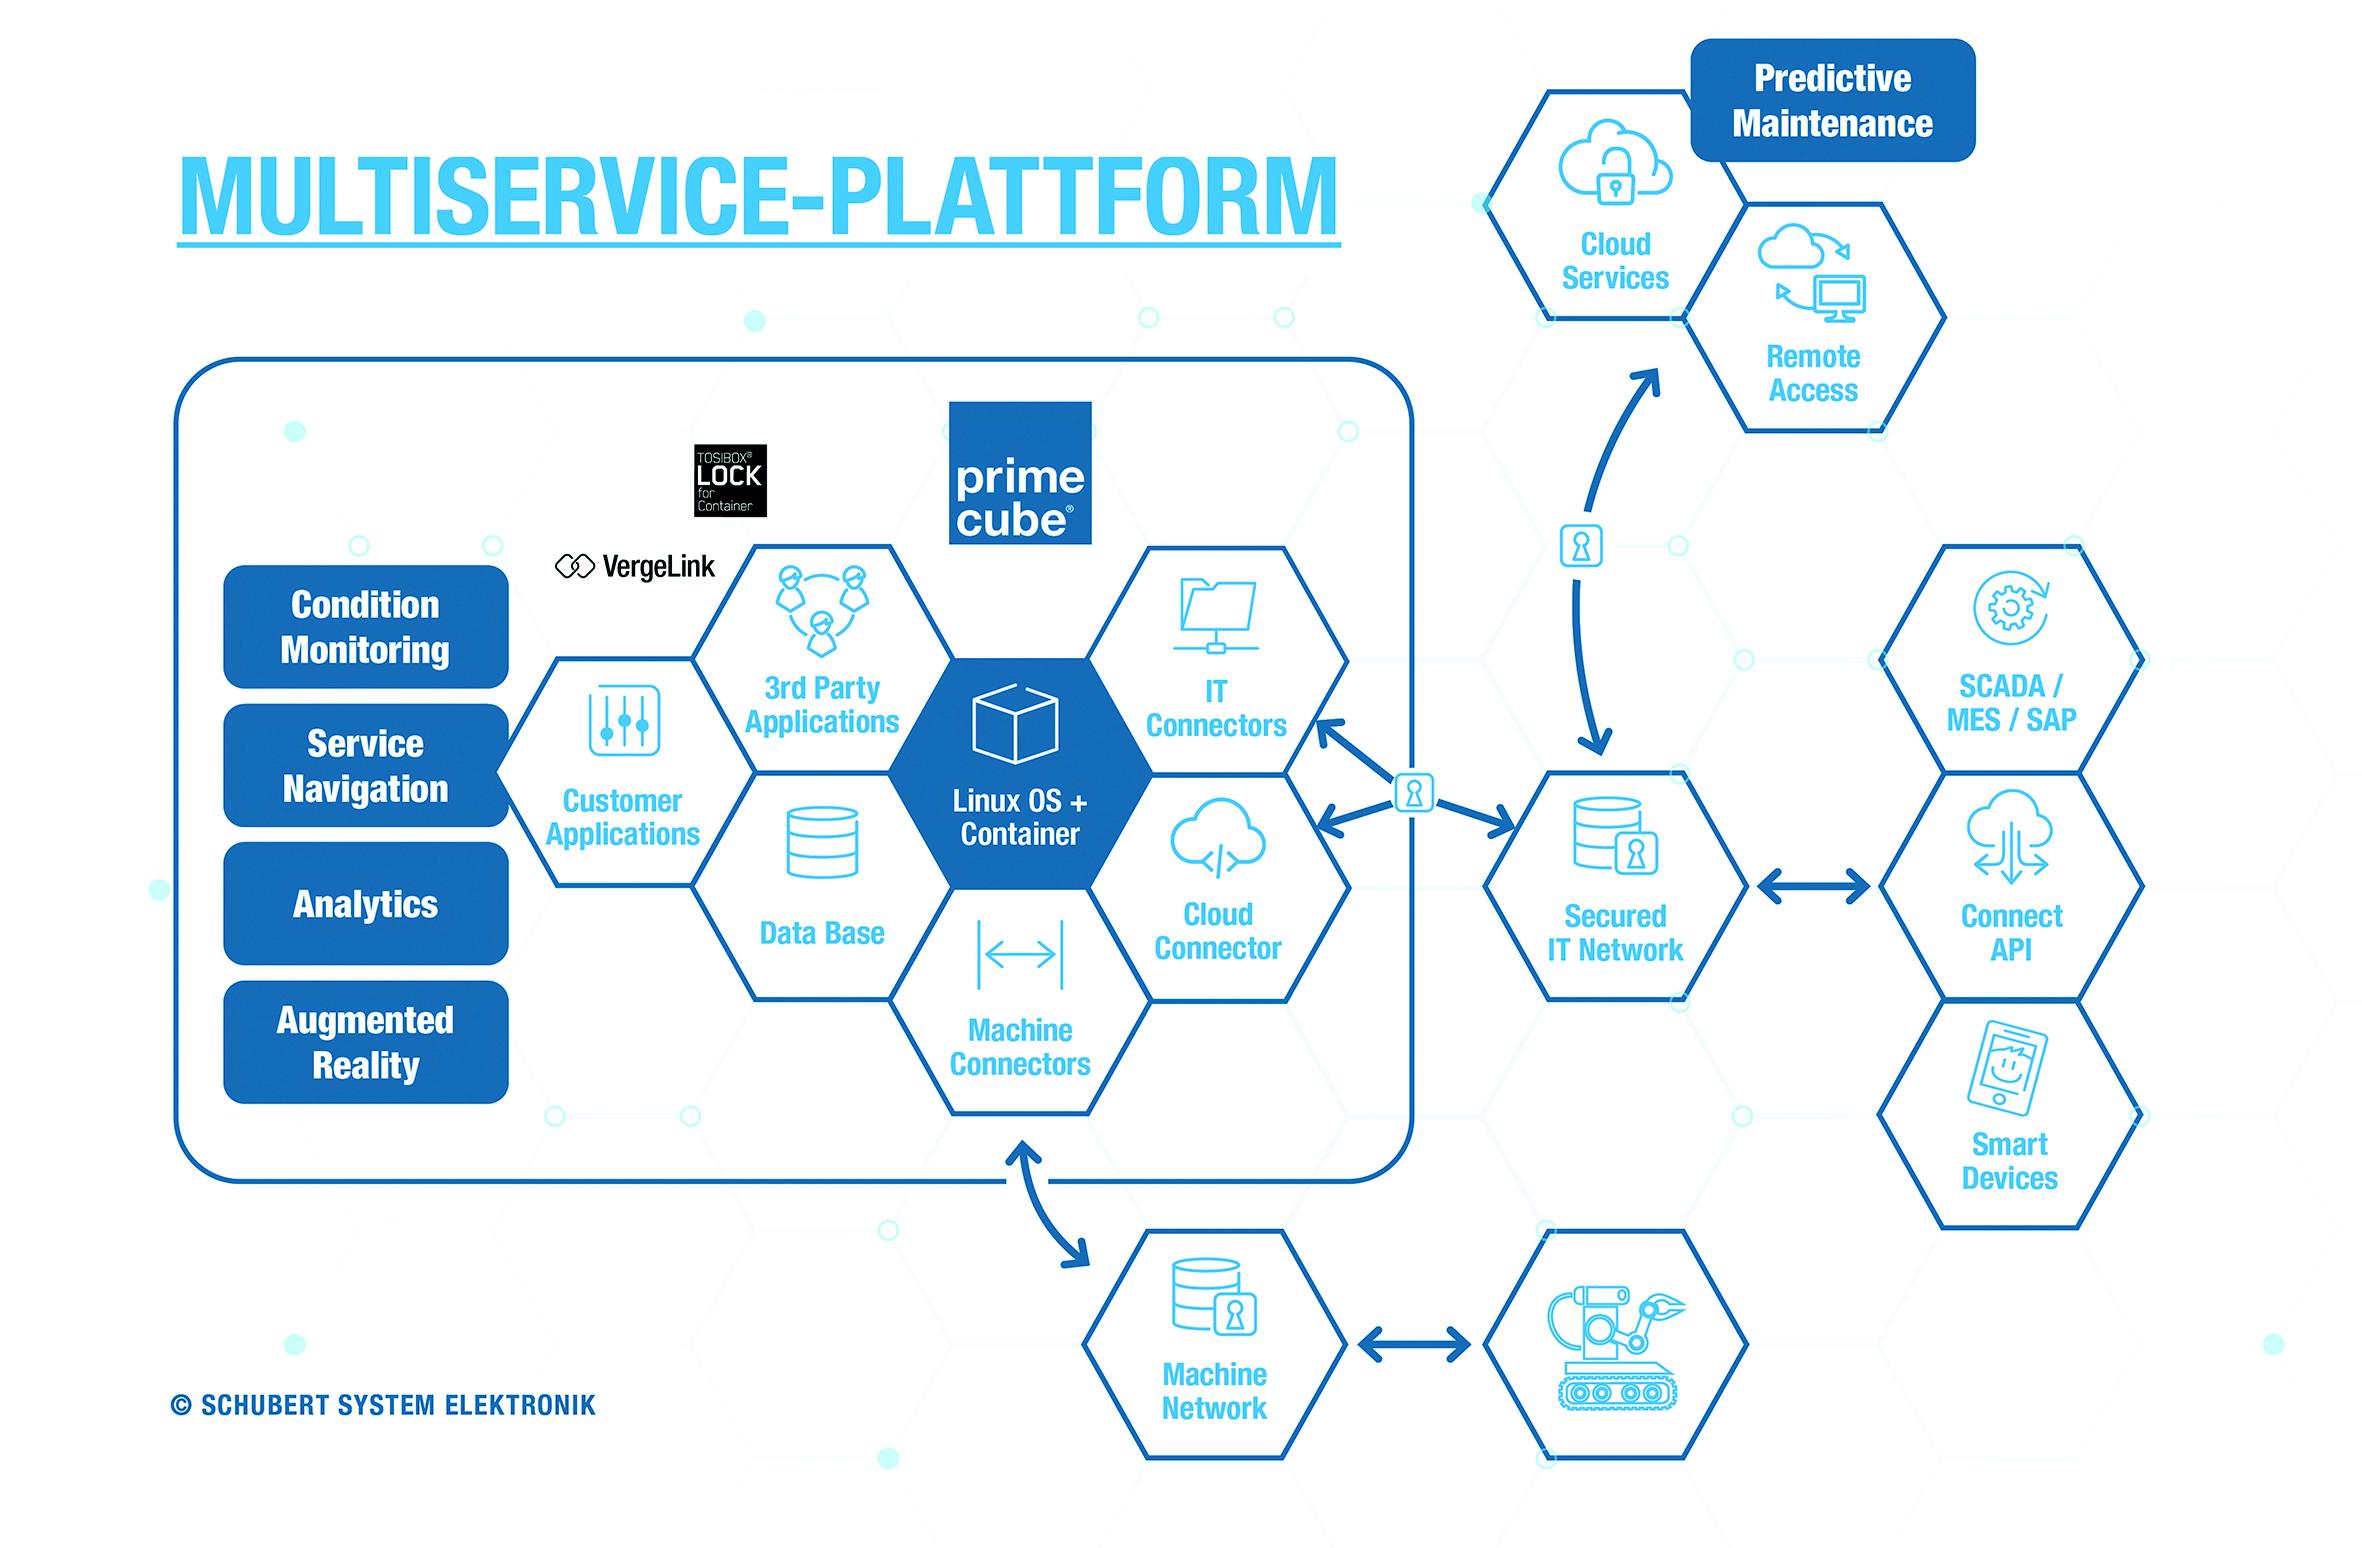 Edge Computing als Multiservice-Plattform